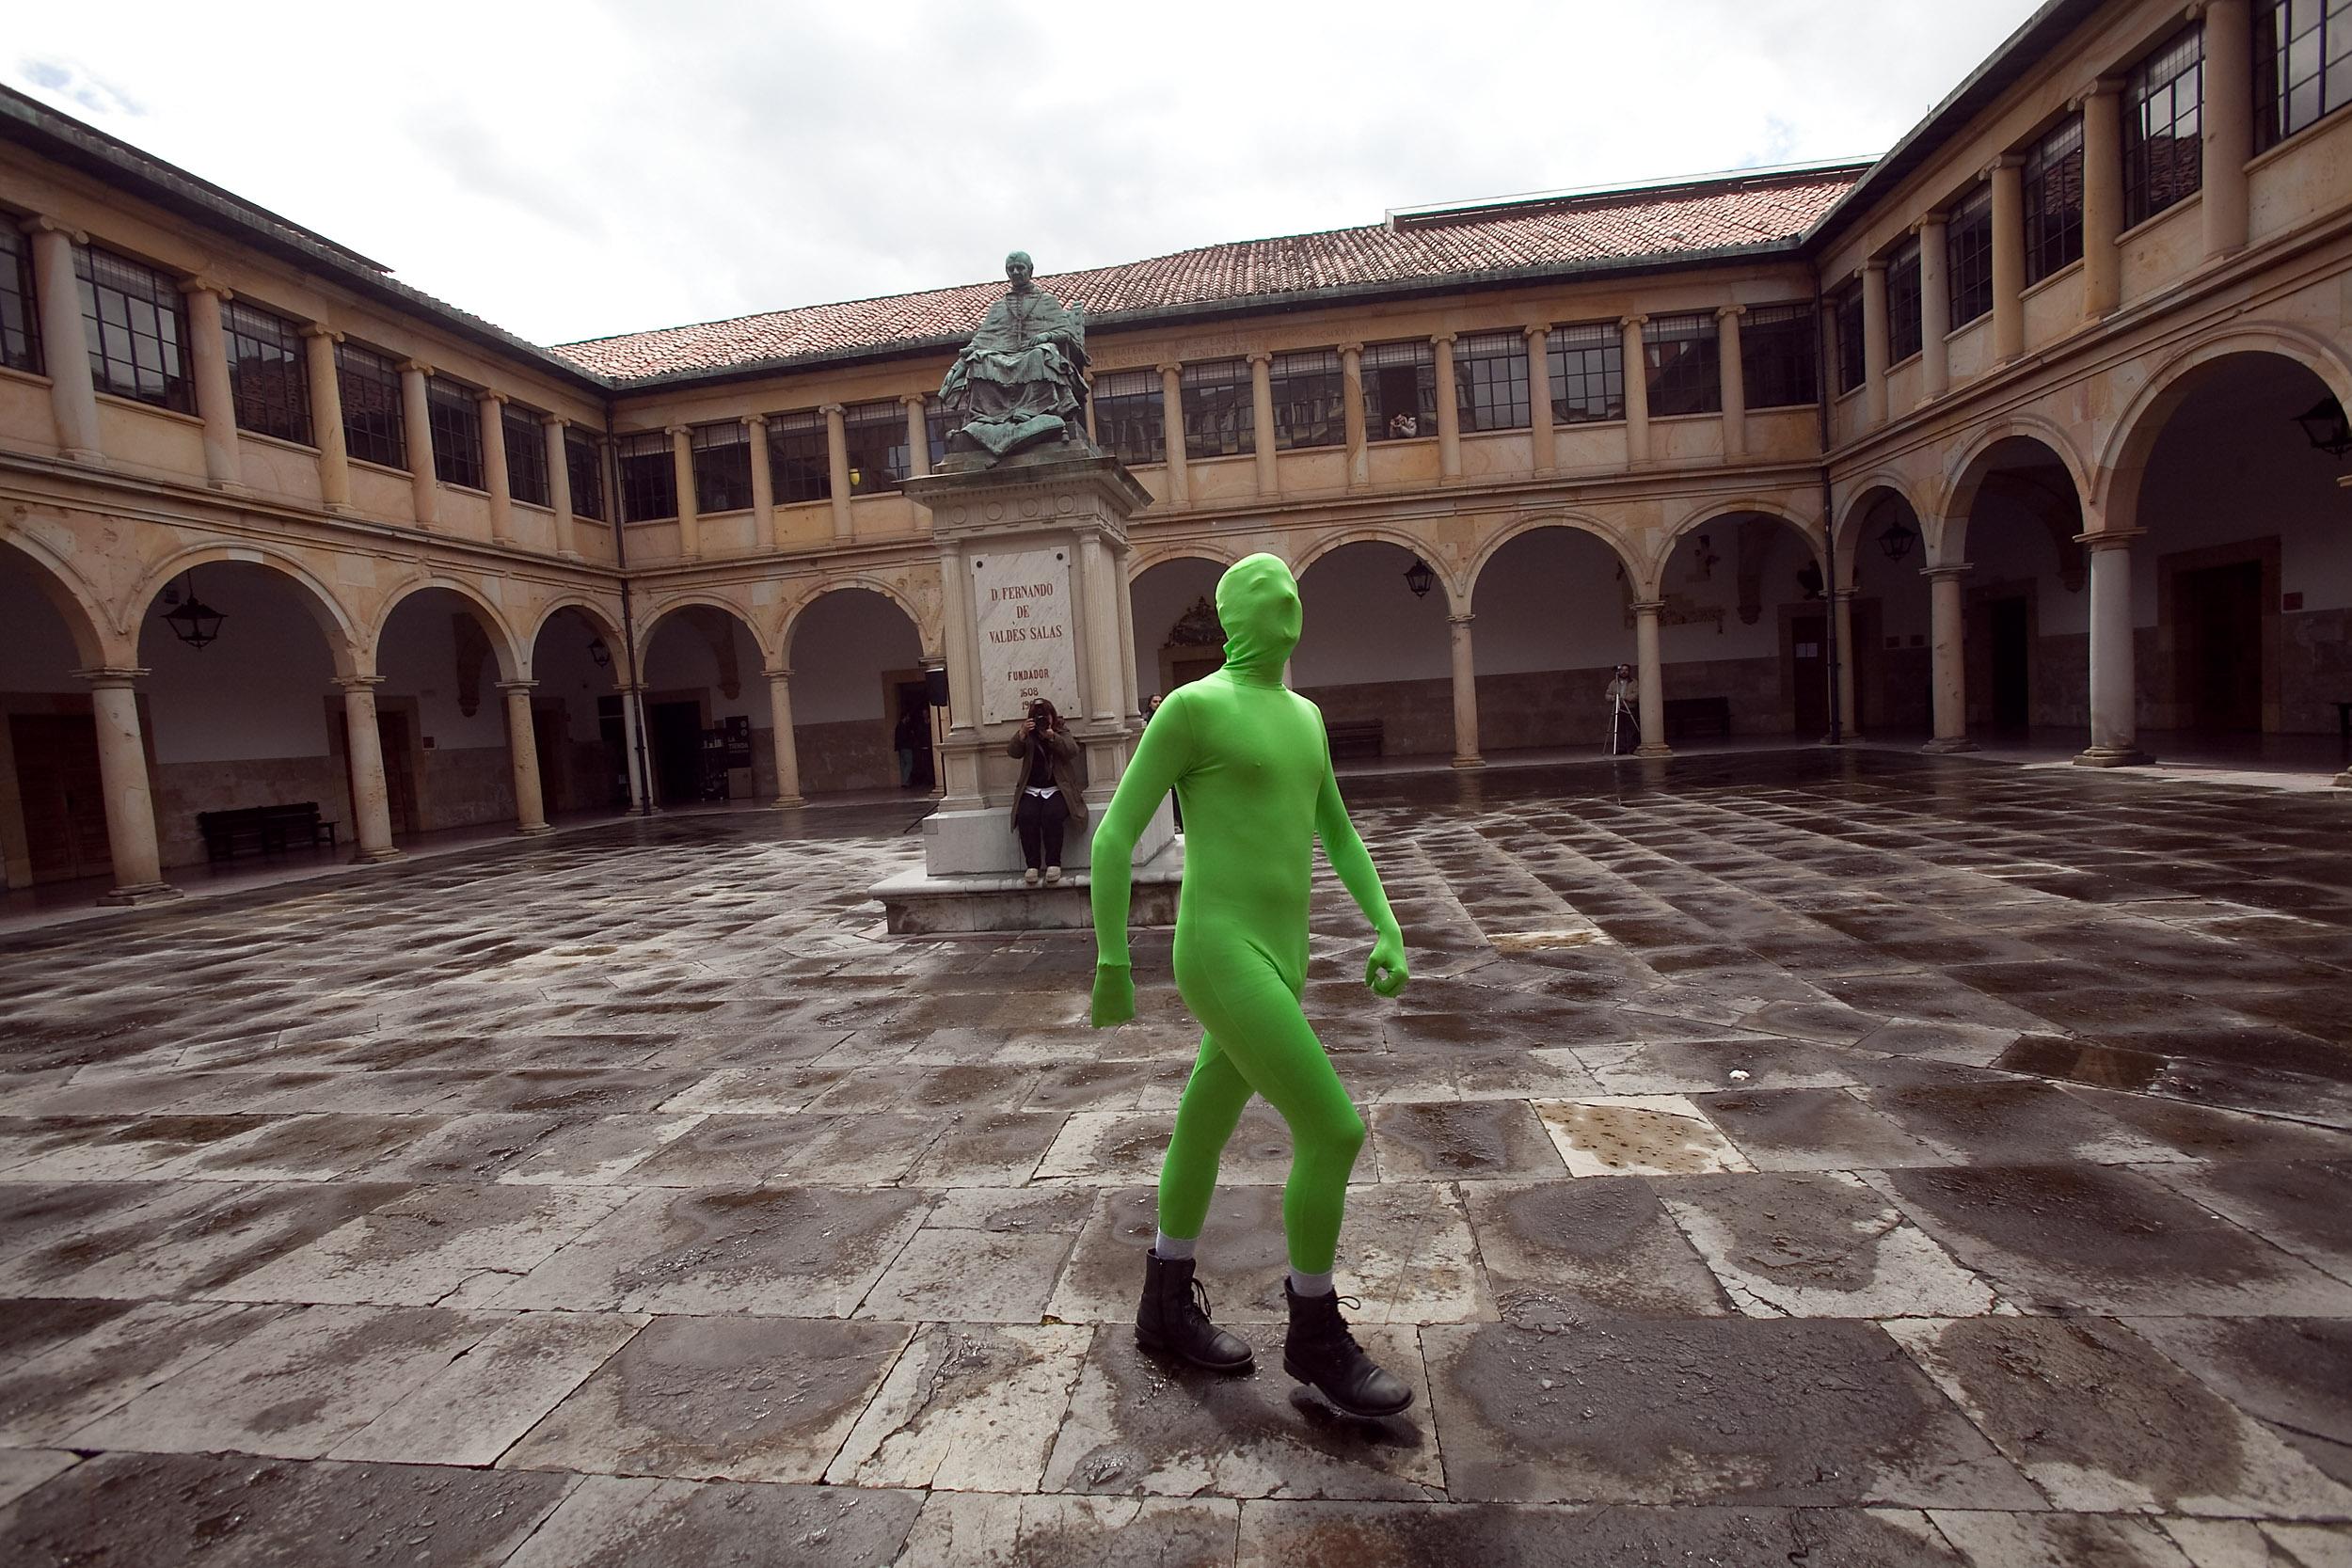 Superpública, el nuevo superheroe de los estudiantes de la Universidad de Oviedo. 30 de abri de 2012. © Miki López/La Nueva España